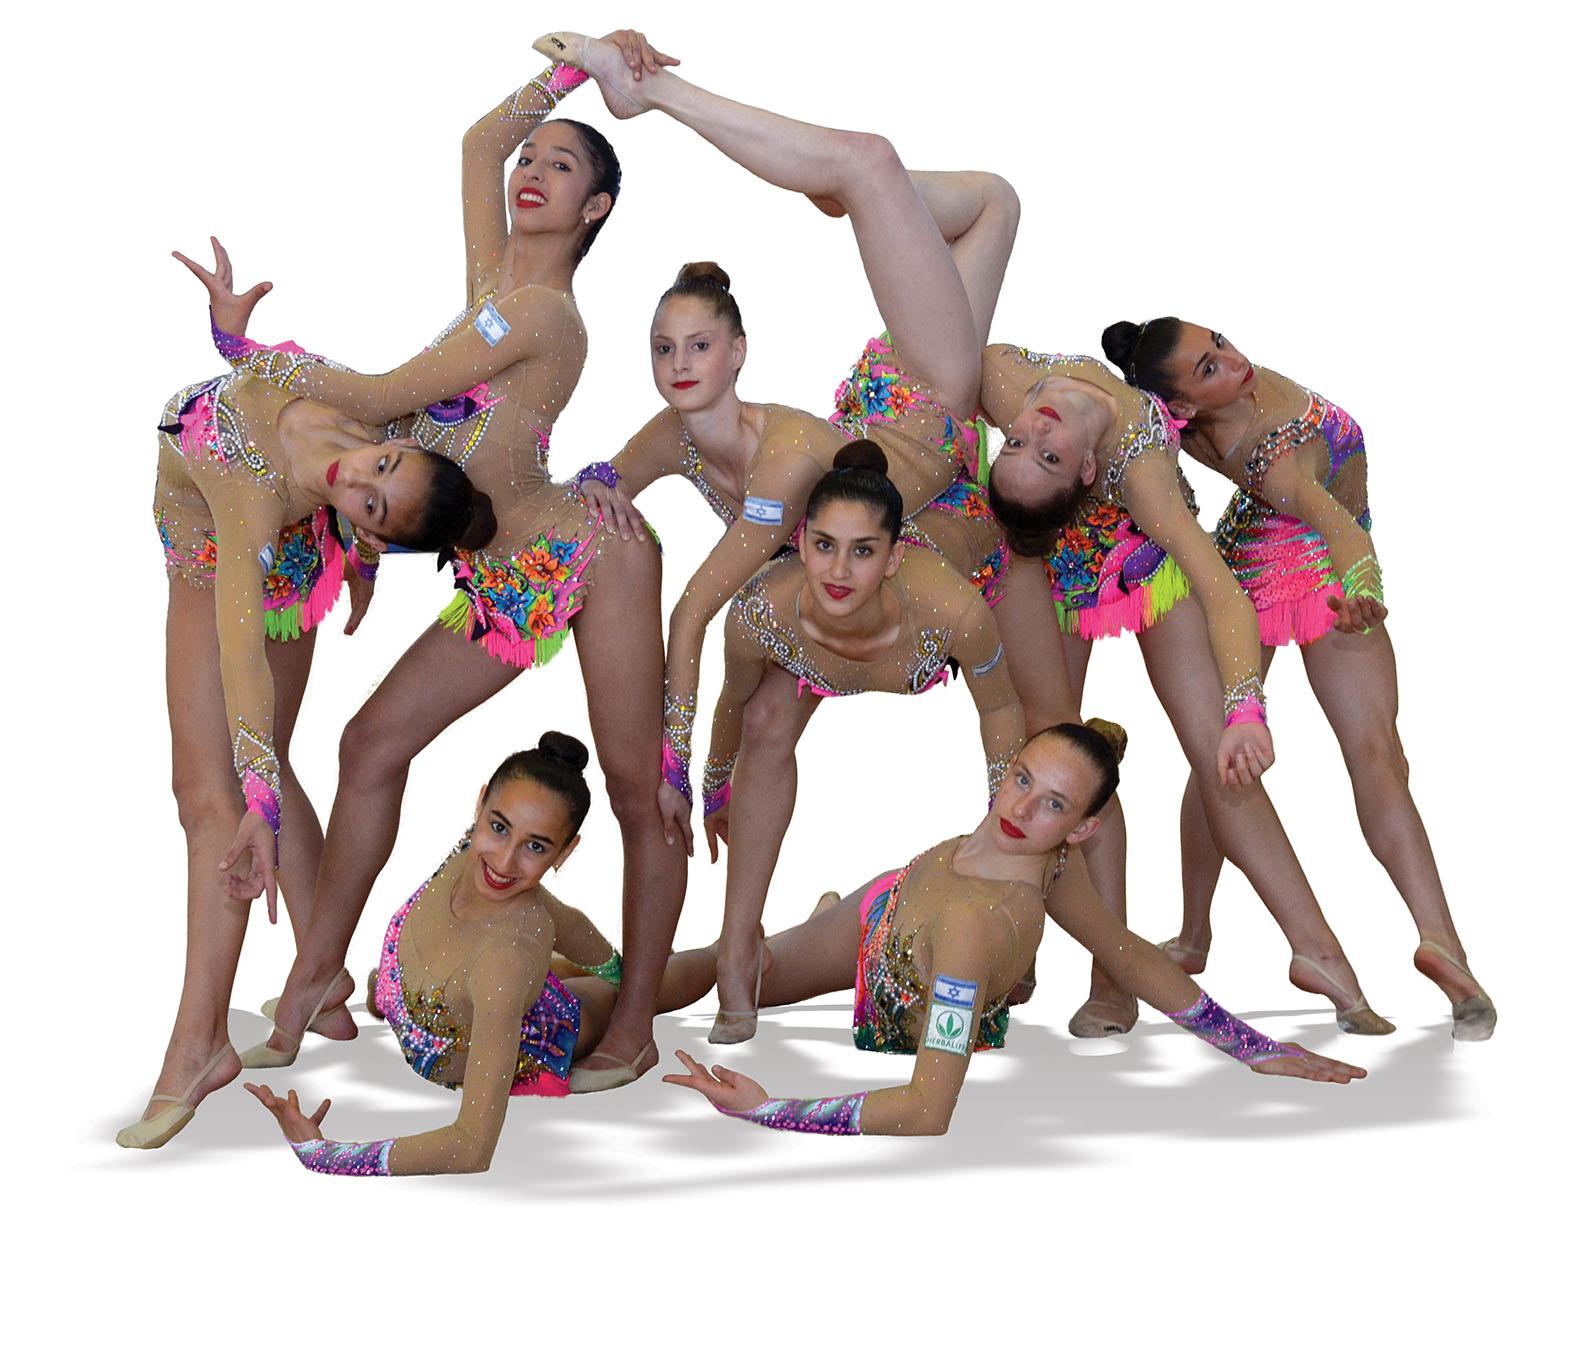 נבחרת ישראל בהתעמלות אמנותית. צילום-מיקי בוצאצו